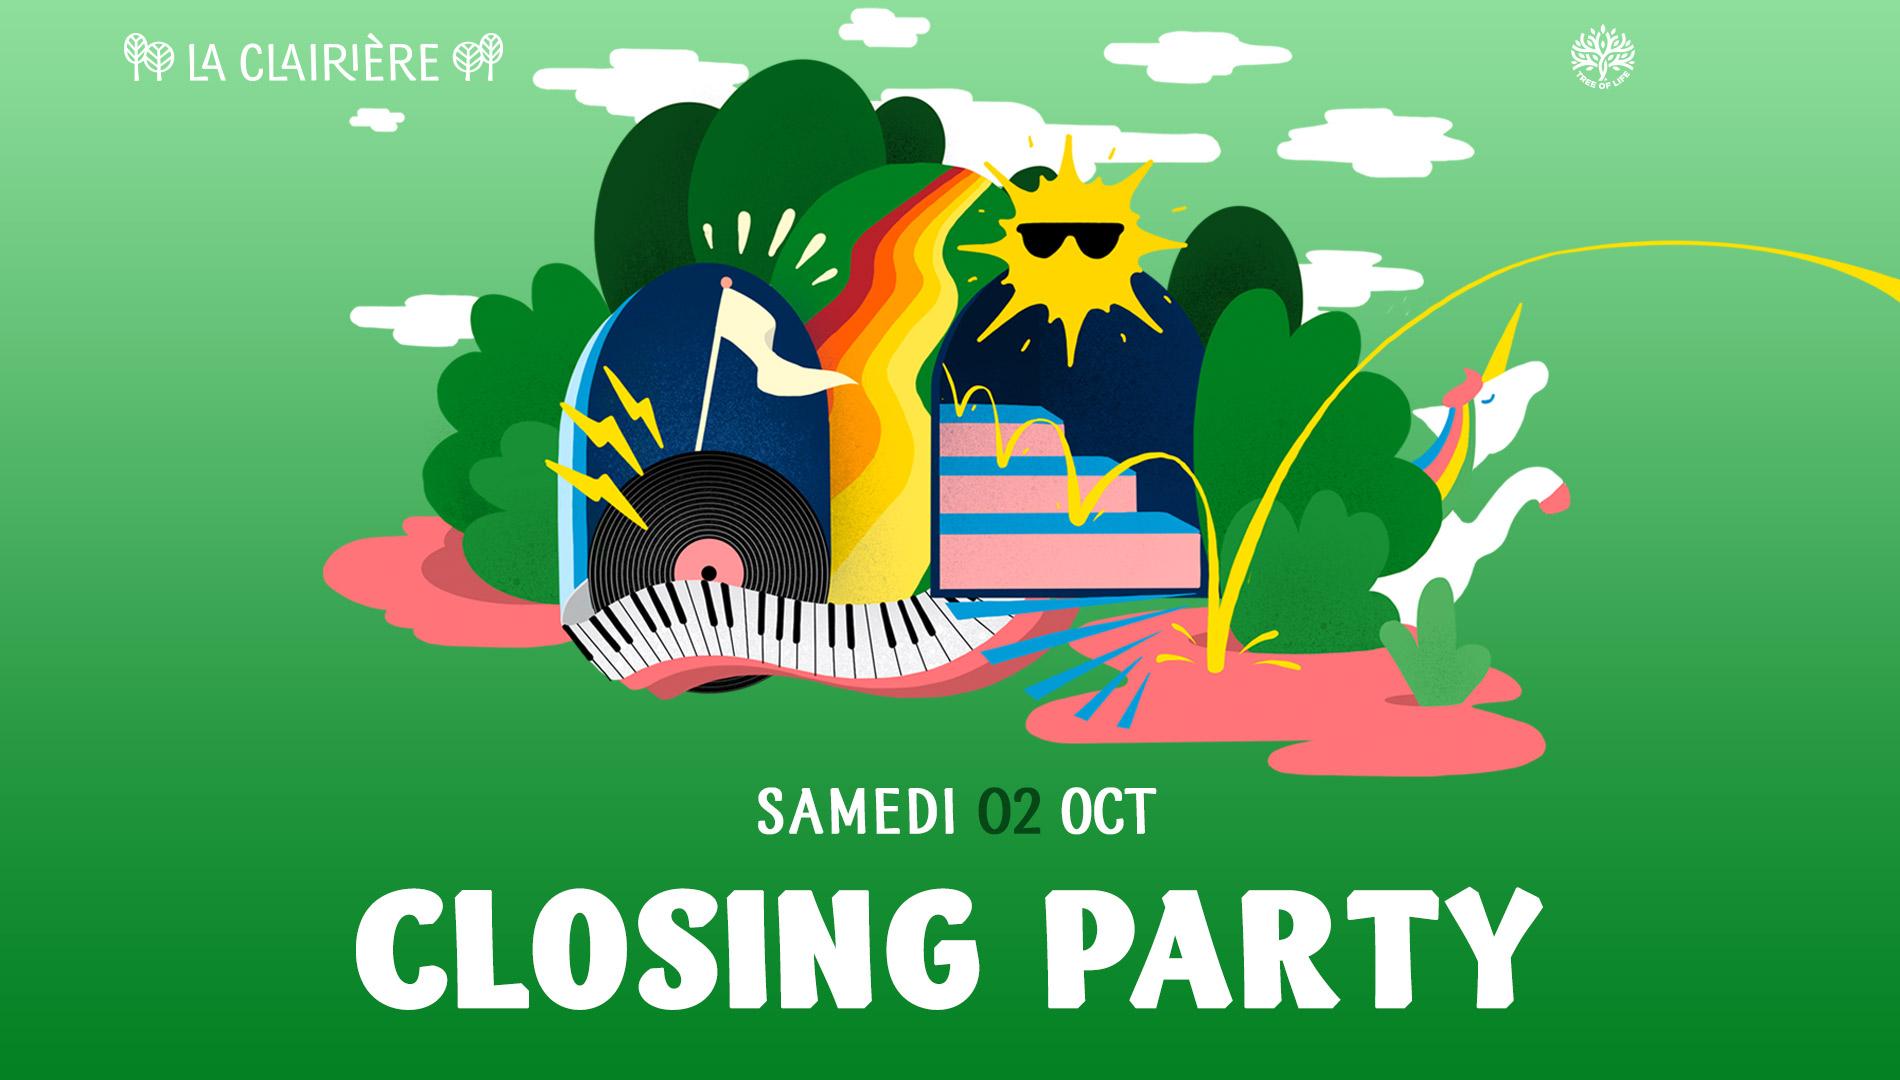 La Clairière : CLOSING PARTY